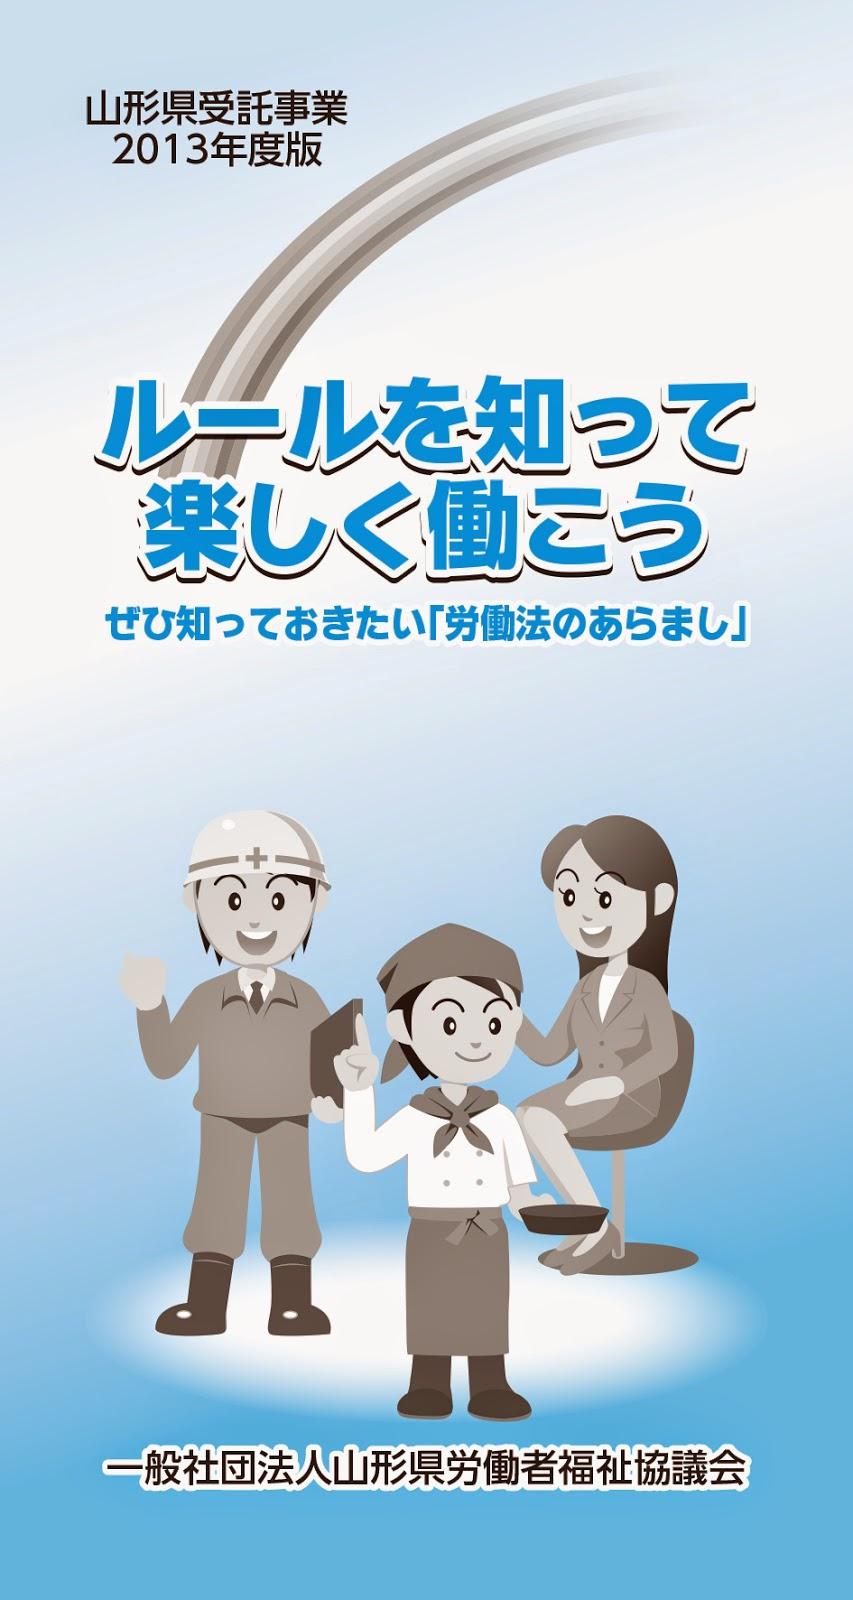 http://www.rofuku.net/network/activity_img/yamagata20130722110457.pdf